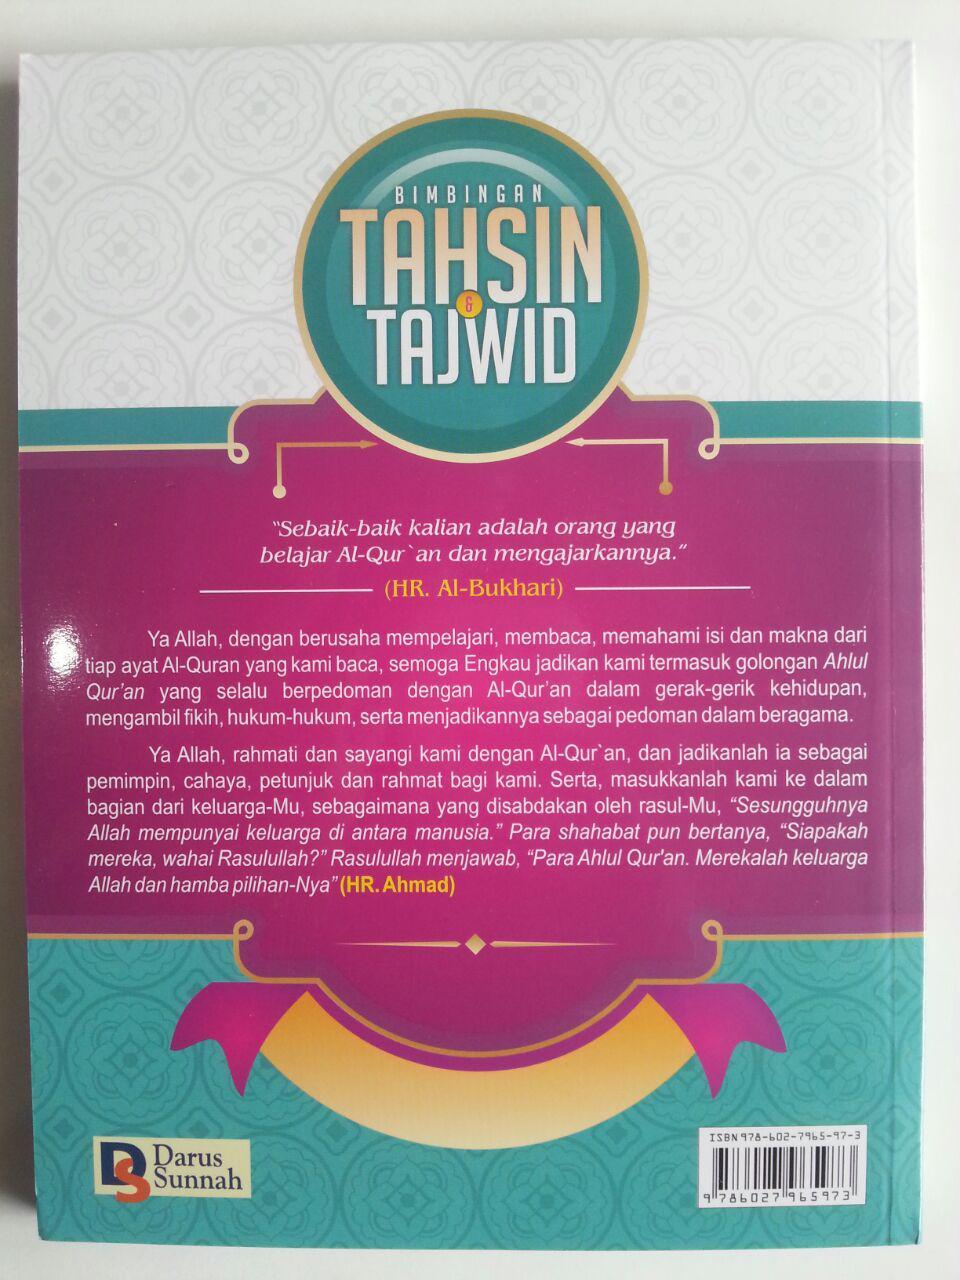 Buku Bimbingan Tahsin Dan Tajwid Utsmani cover